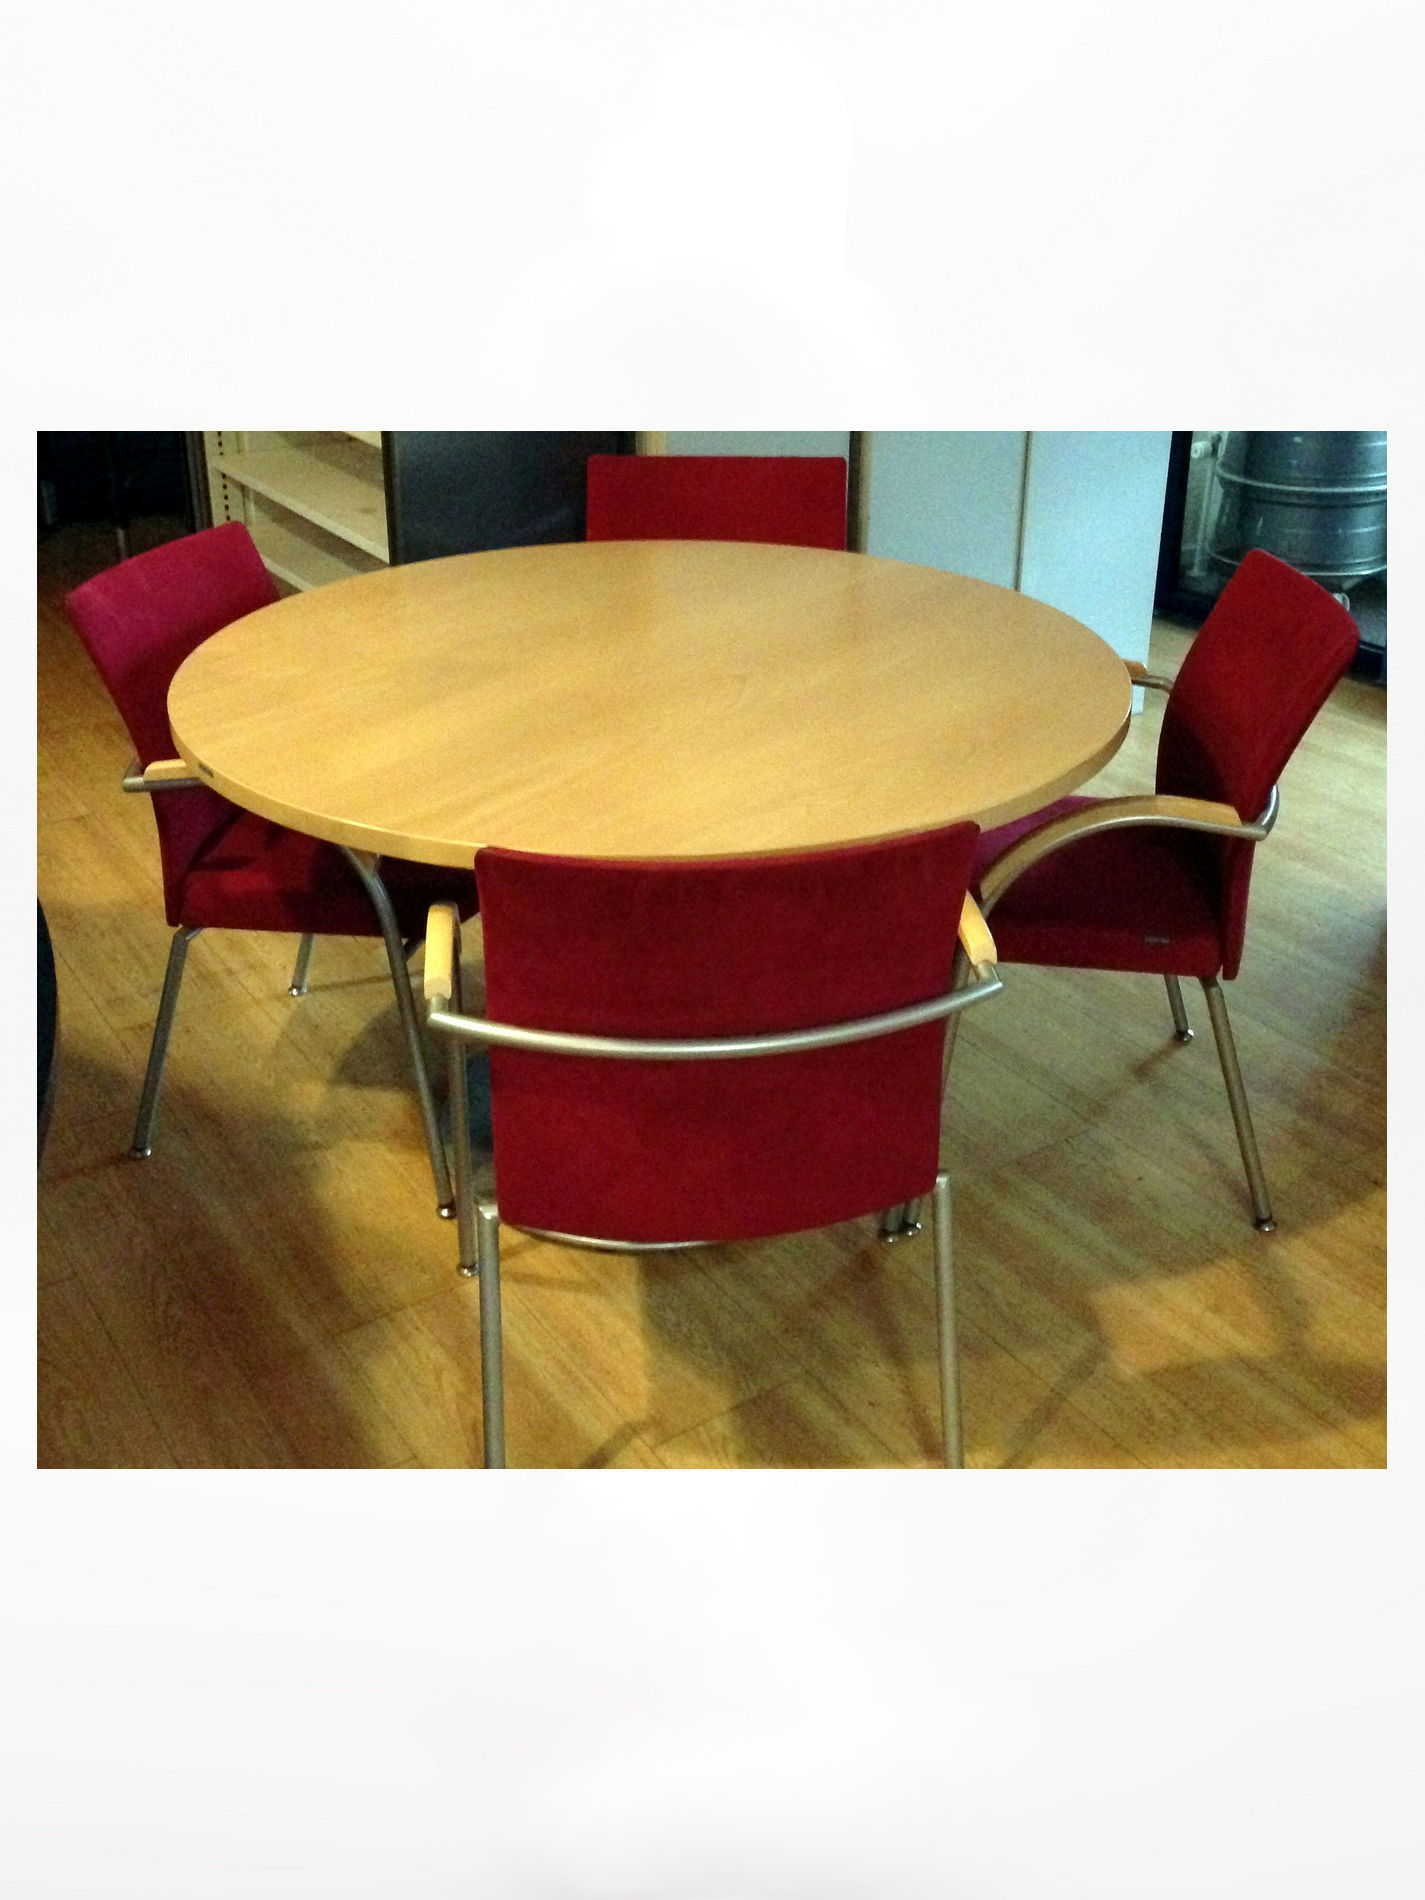 Vergaderset rond met 4 Design stoelen